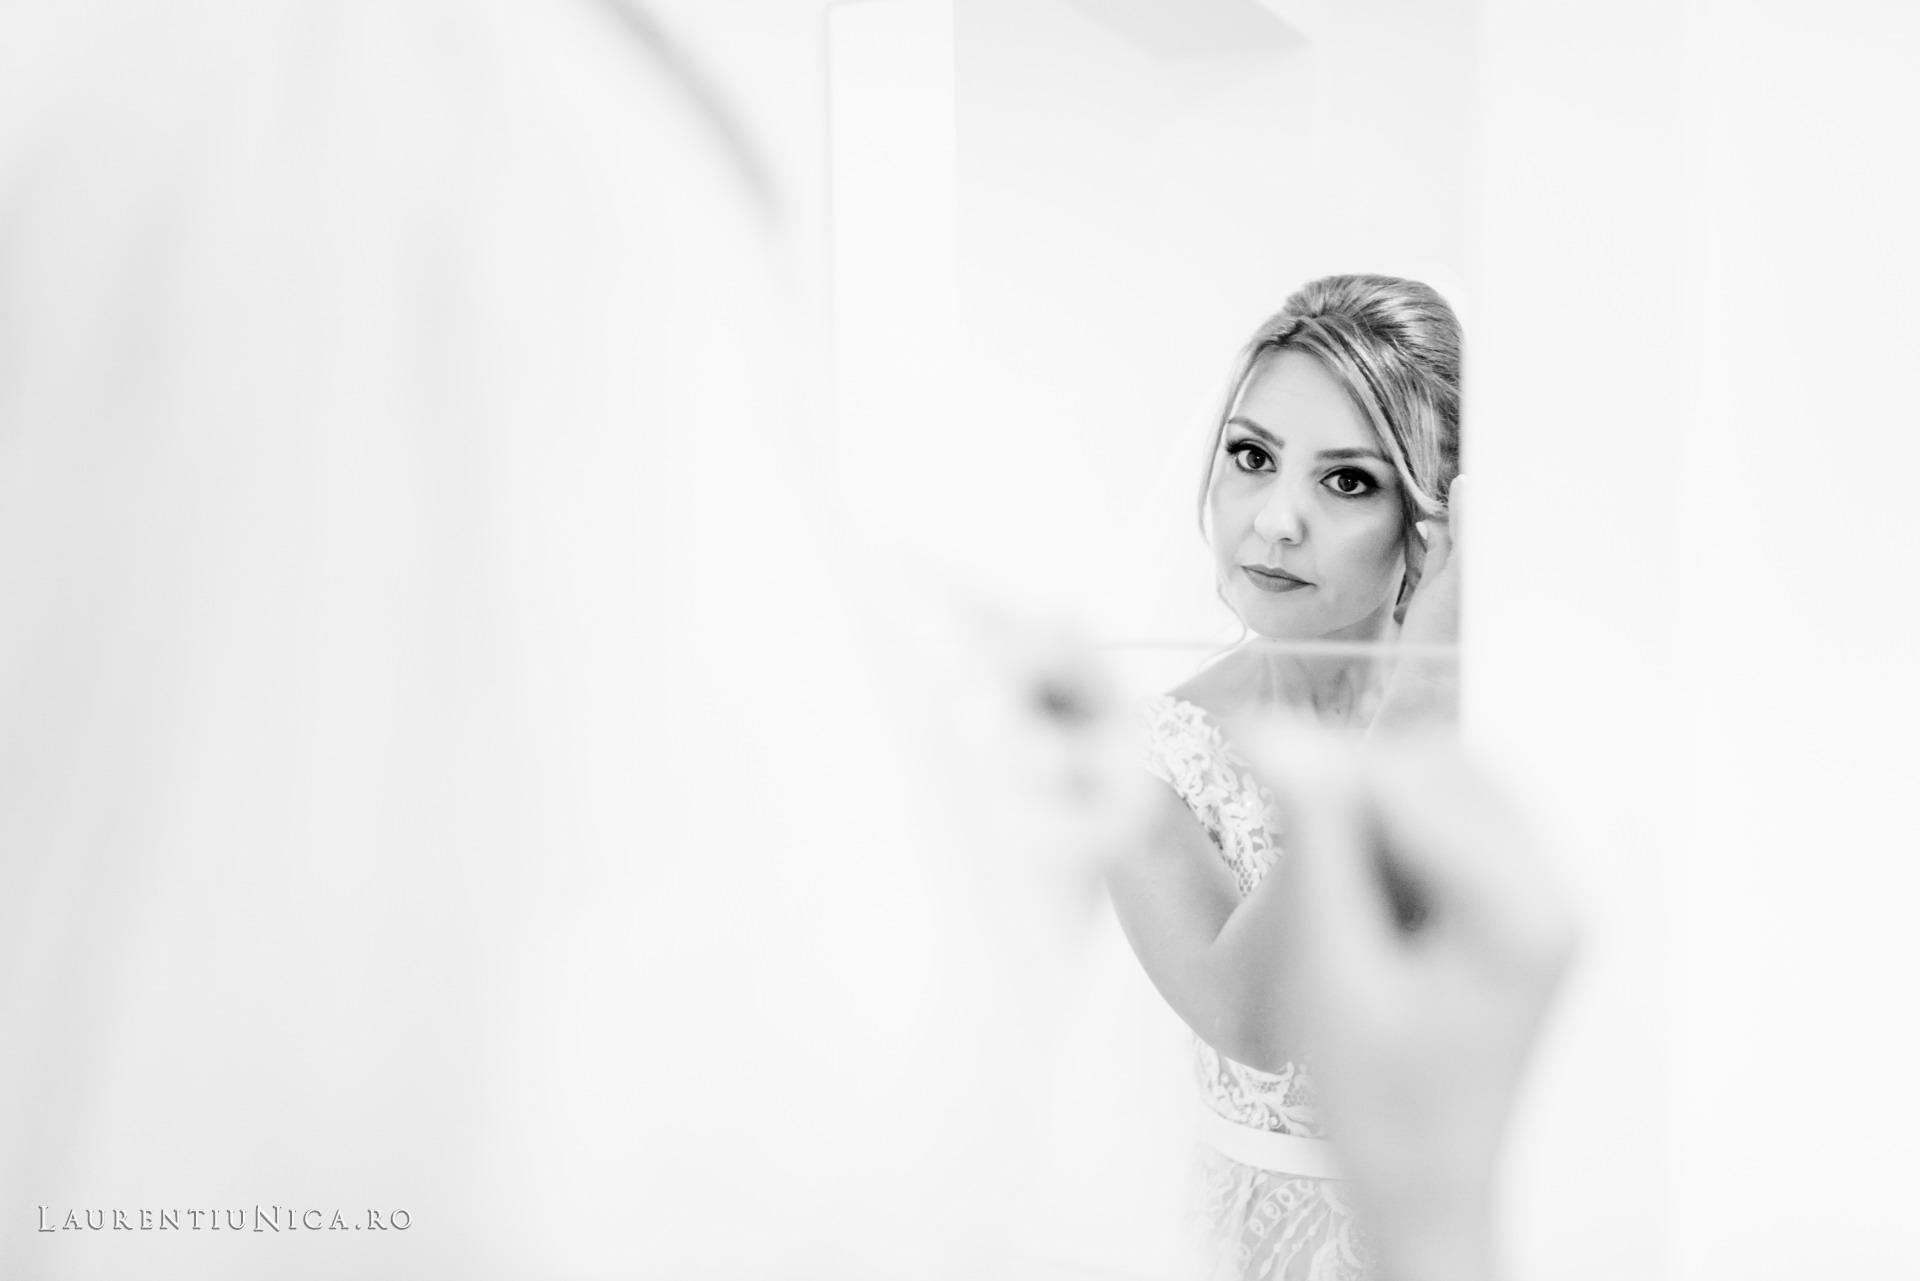 carolina si sorin craiova fotograf nunta laurentiu nica24 - Carolina & Sorin | Fotografii nunta